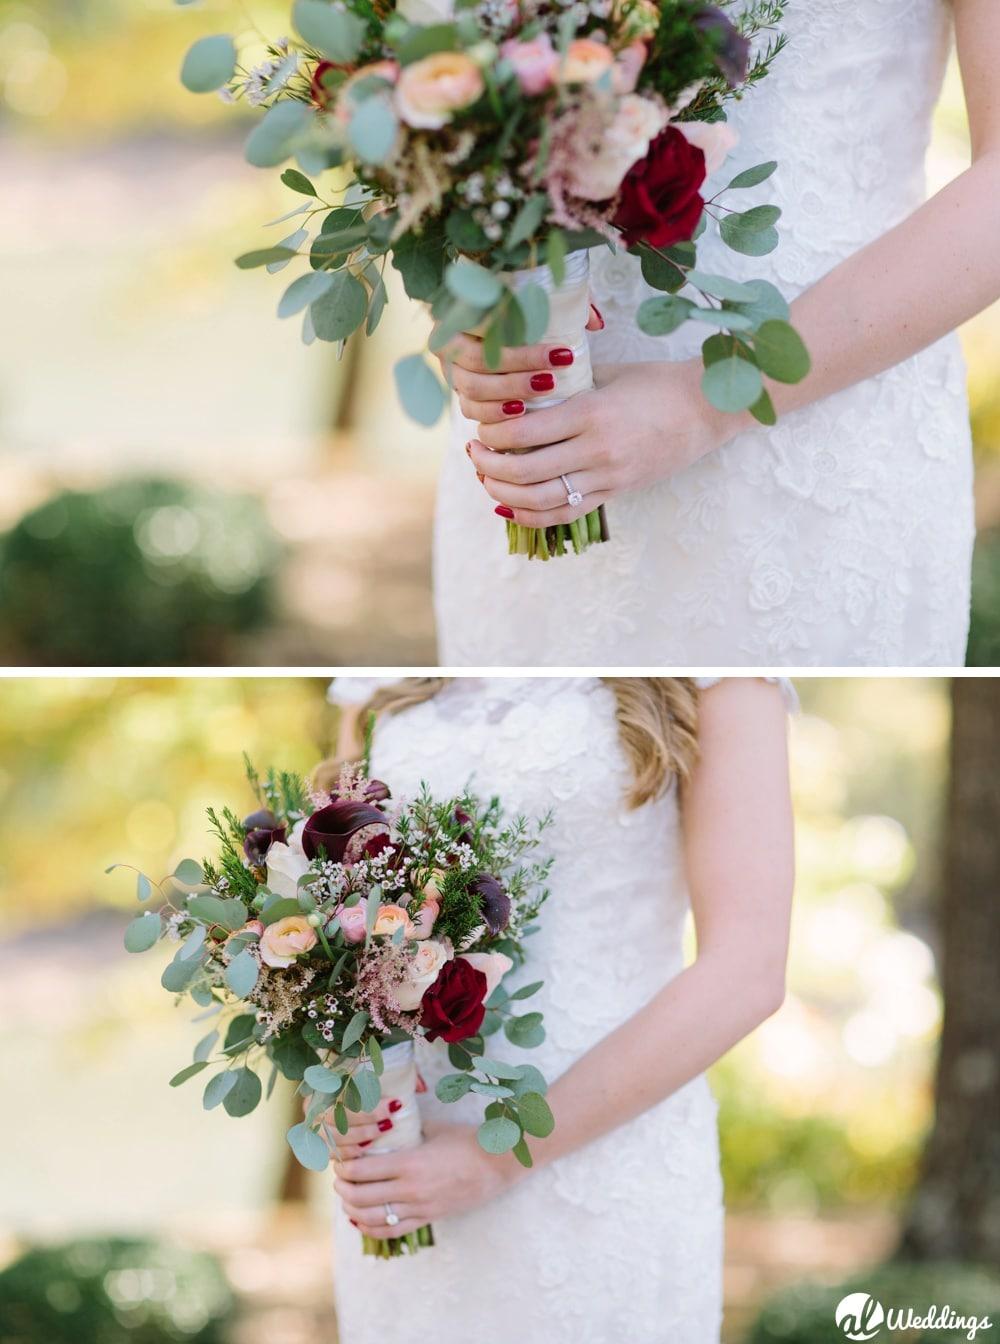 Meg + Dean | Back Yard Wedding | huntsville, Alabama Photographer-42